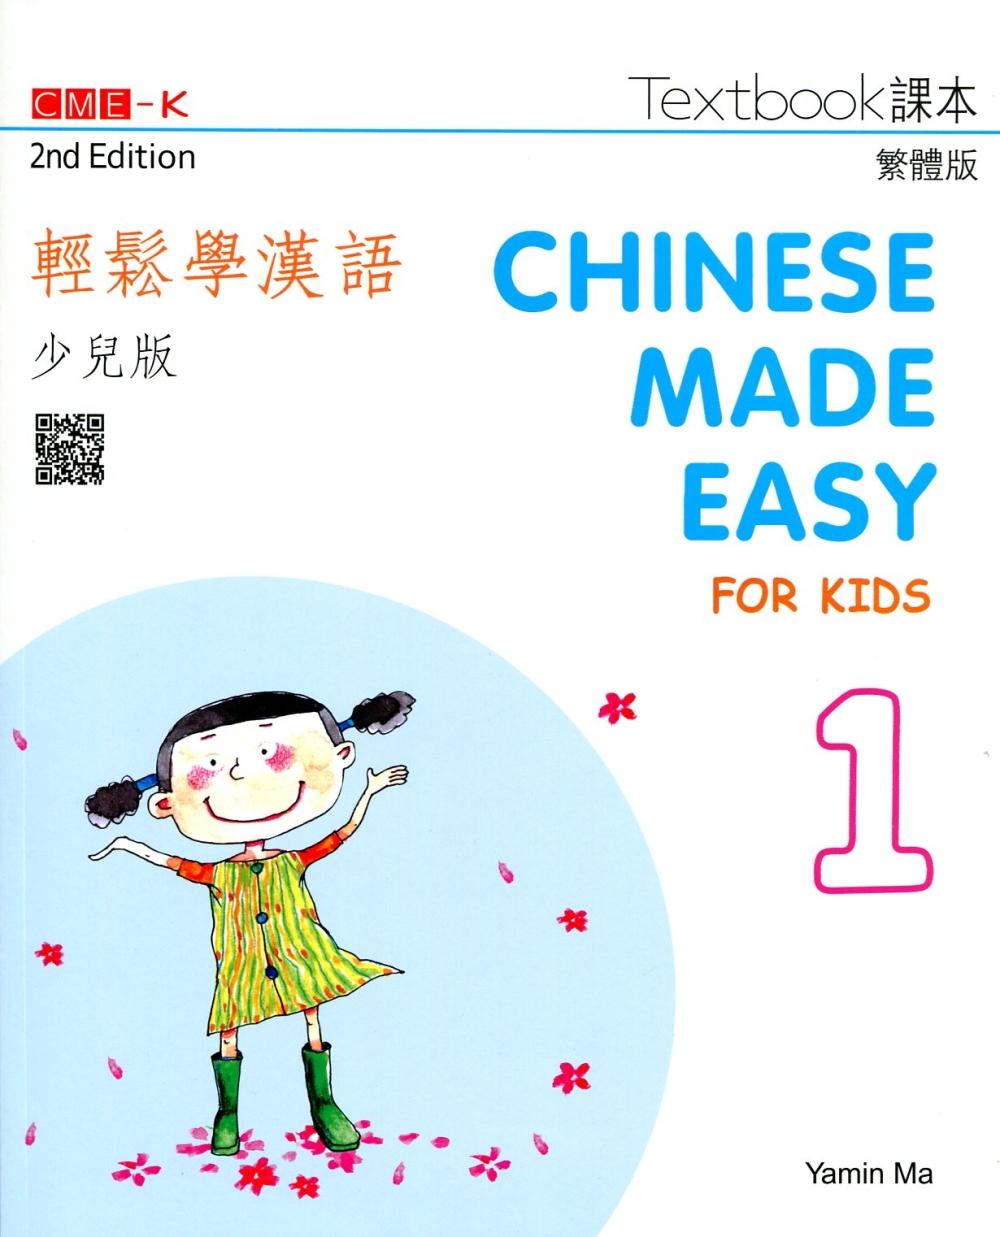 輕鬆學漢語(少兒版) 課本一(第二版)